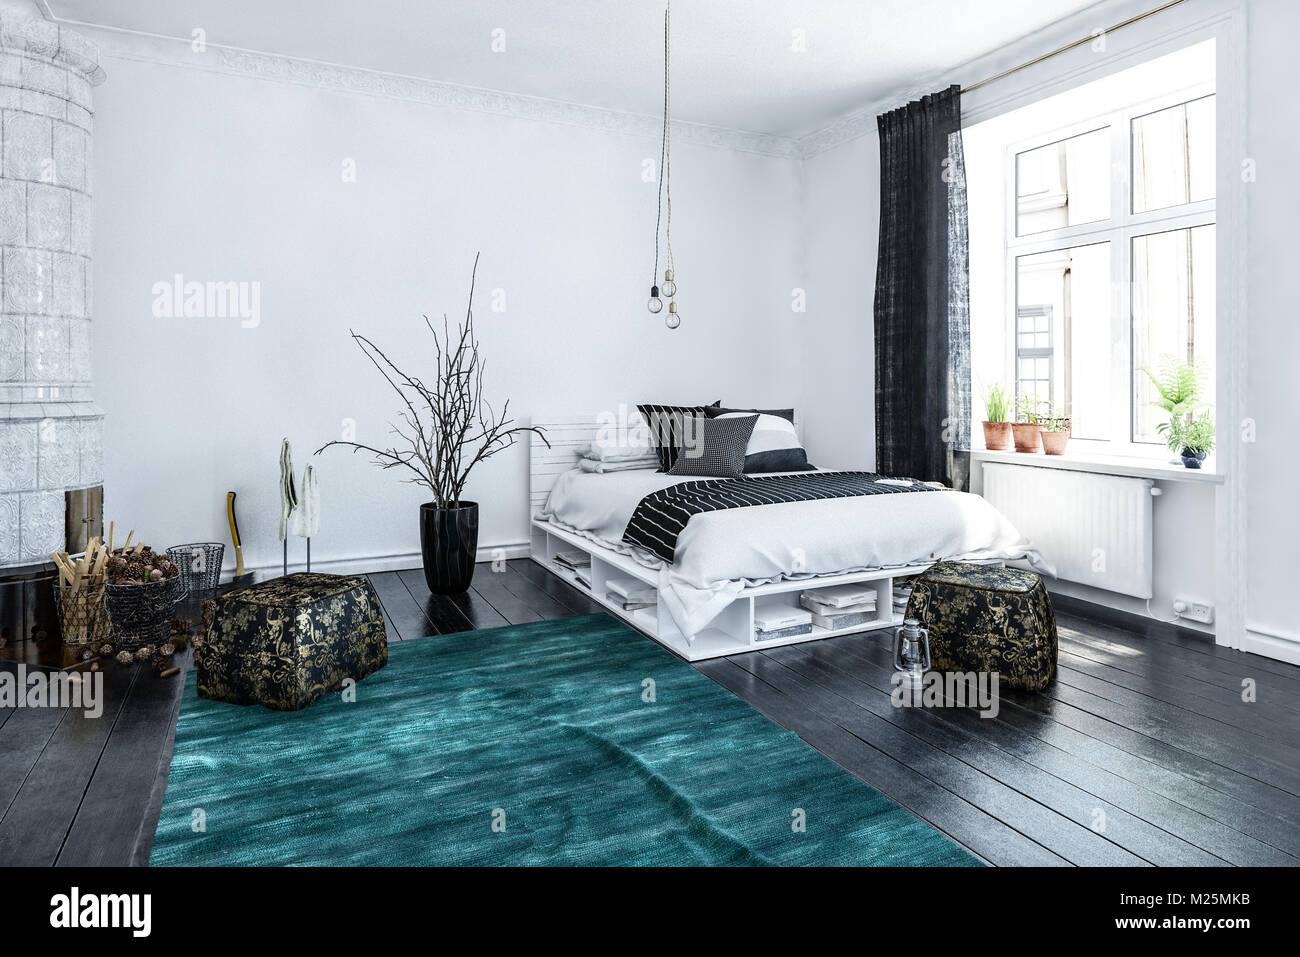 Modernes, stilvolles high key luftige Schlafzimmer Interieur ...